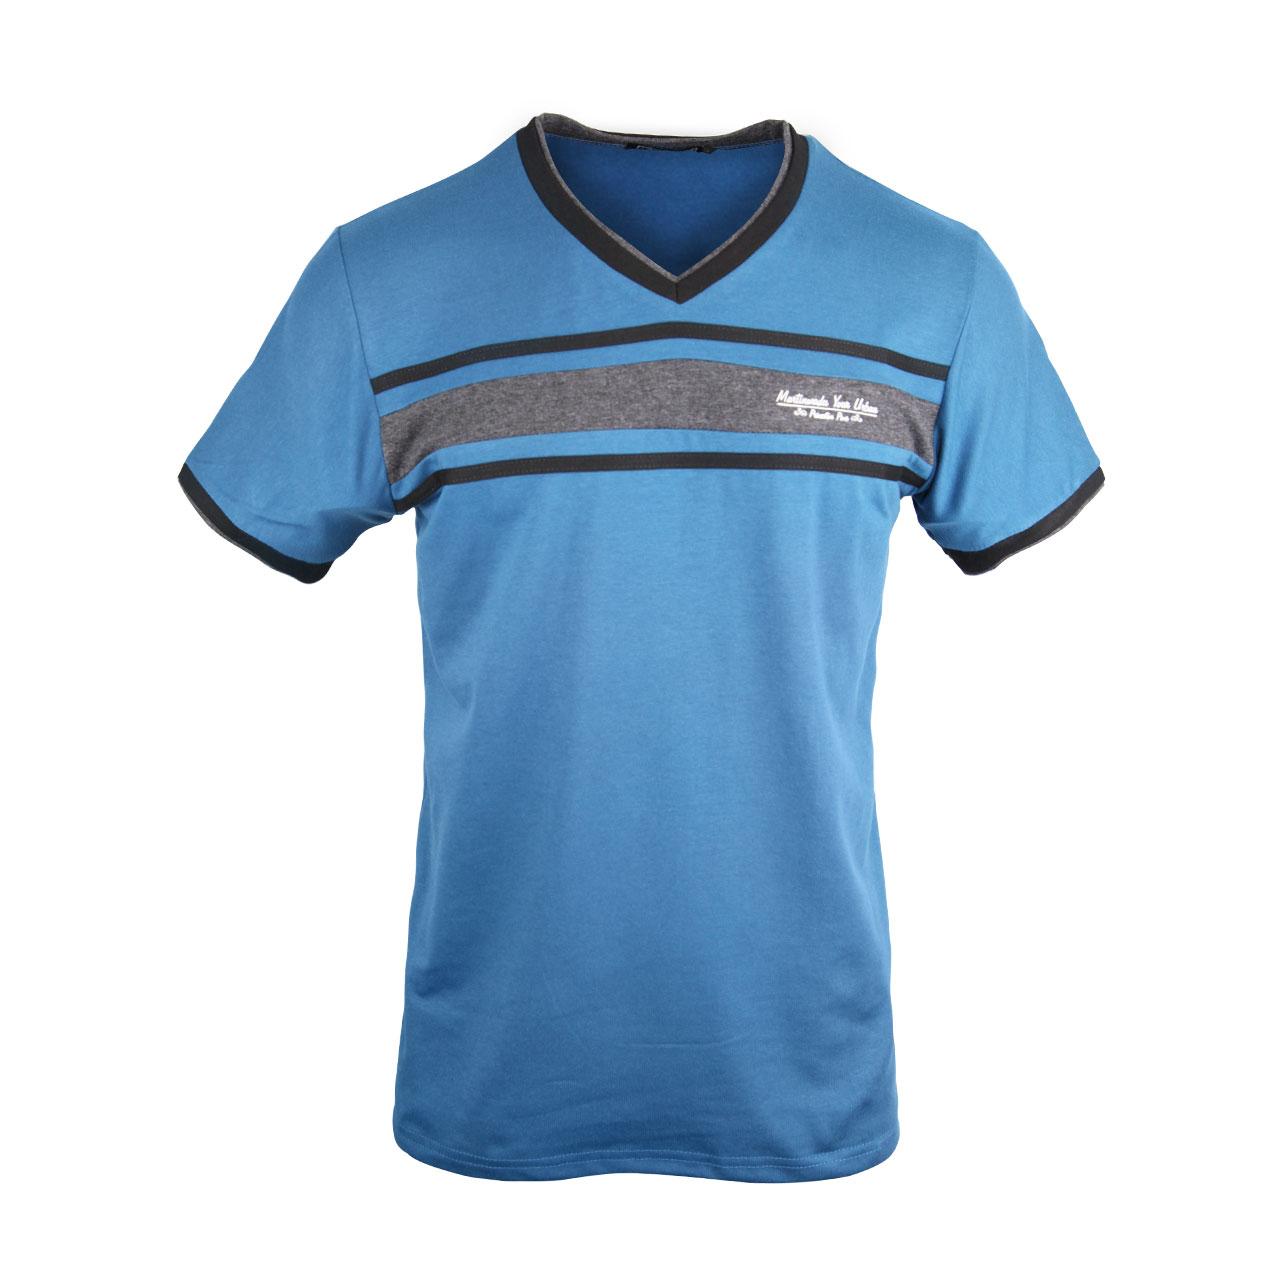 Short Sleeves Solid V Neck T Shirts For Men - Black/Ash/Blue